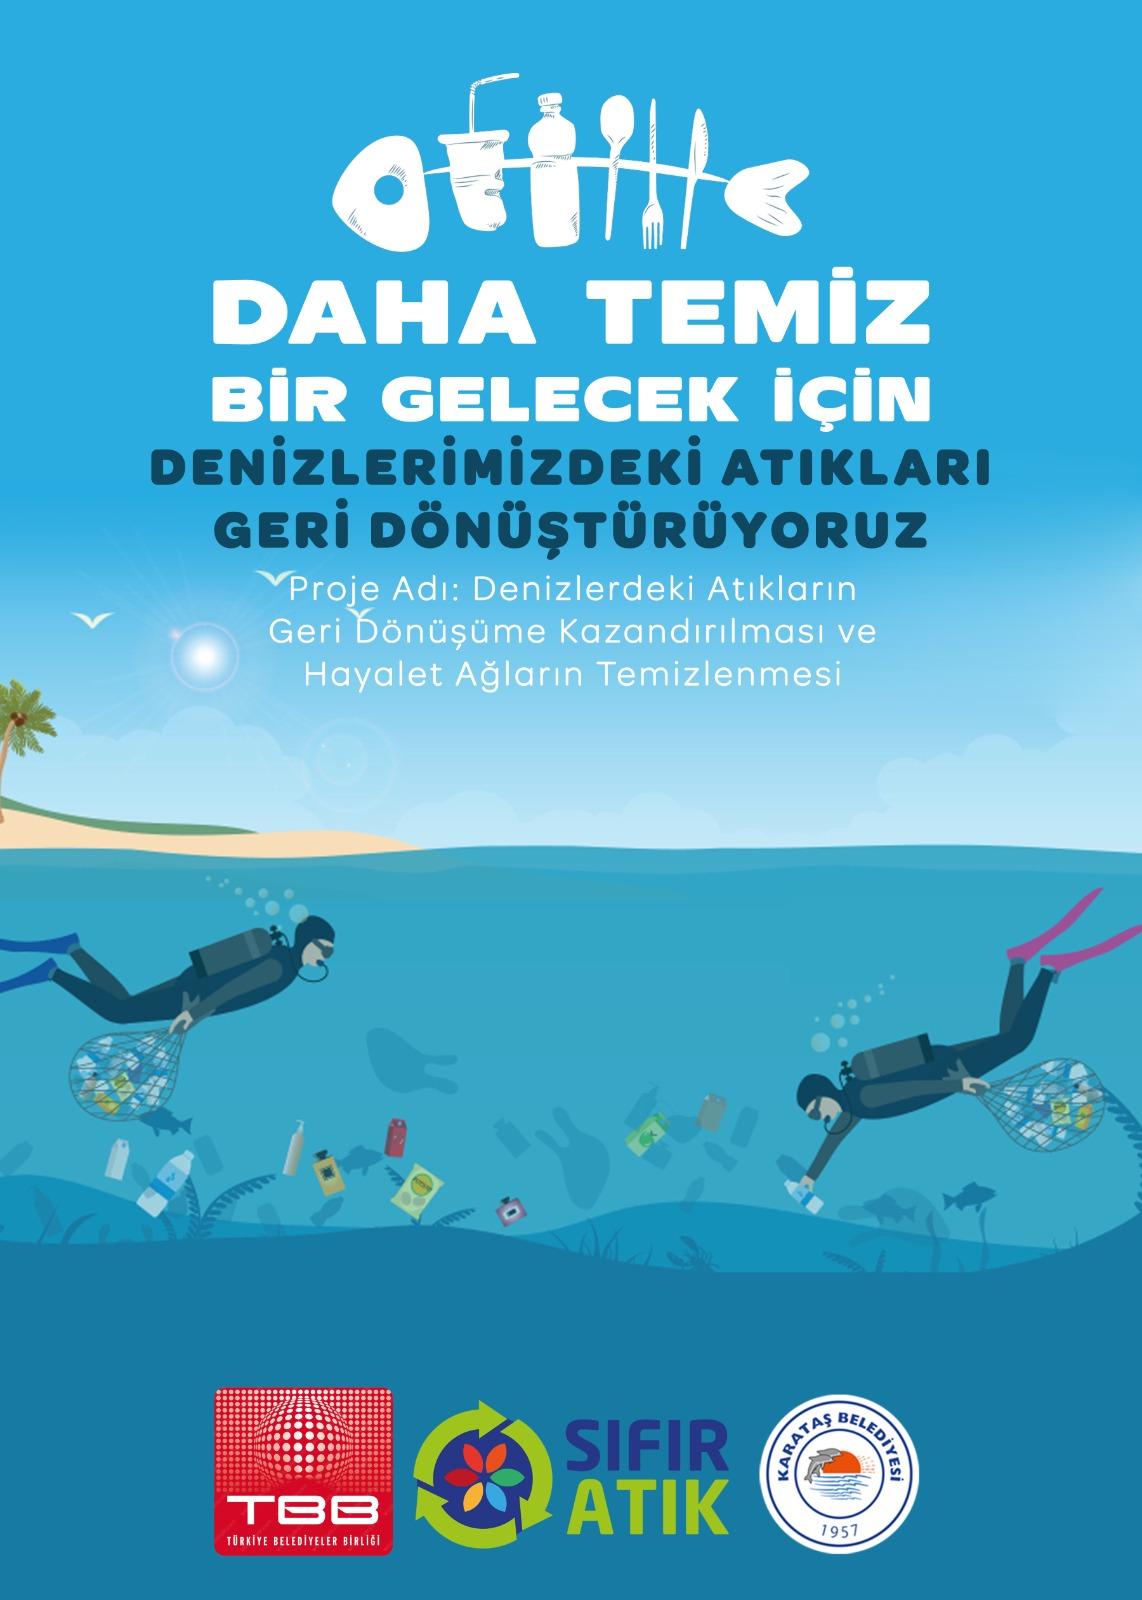 Denizlerdeki Atıkları Geri Dönüştürüyoruz.